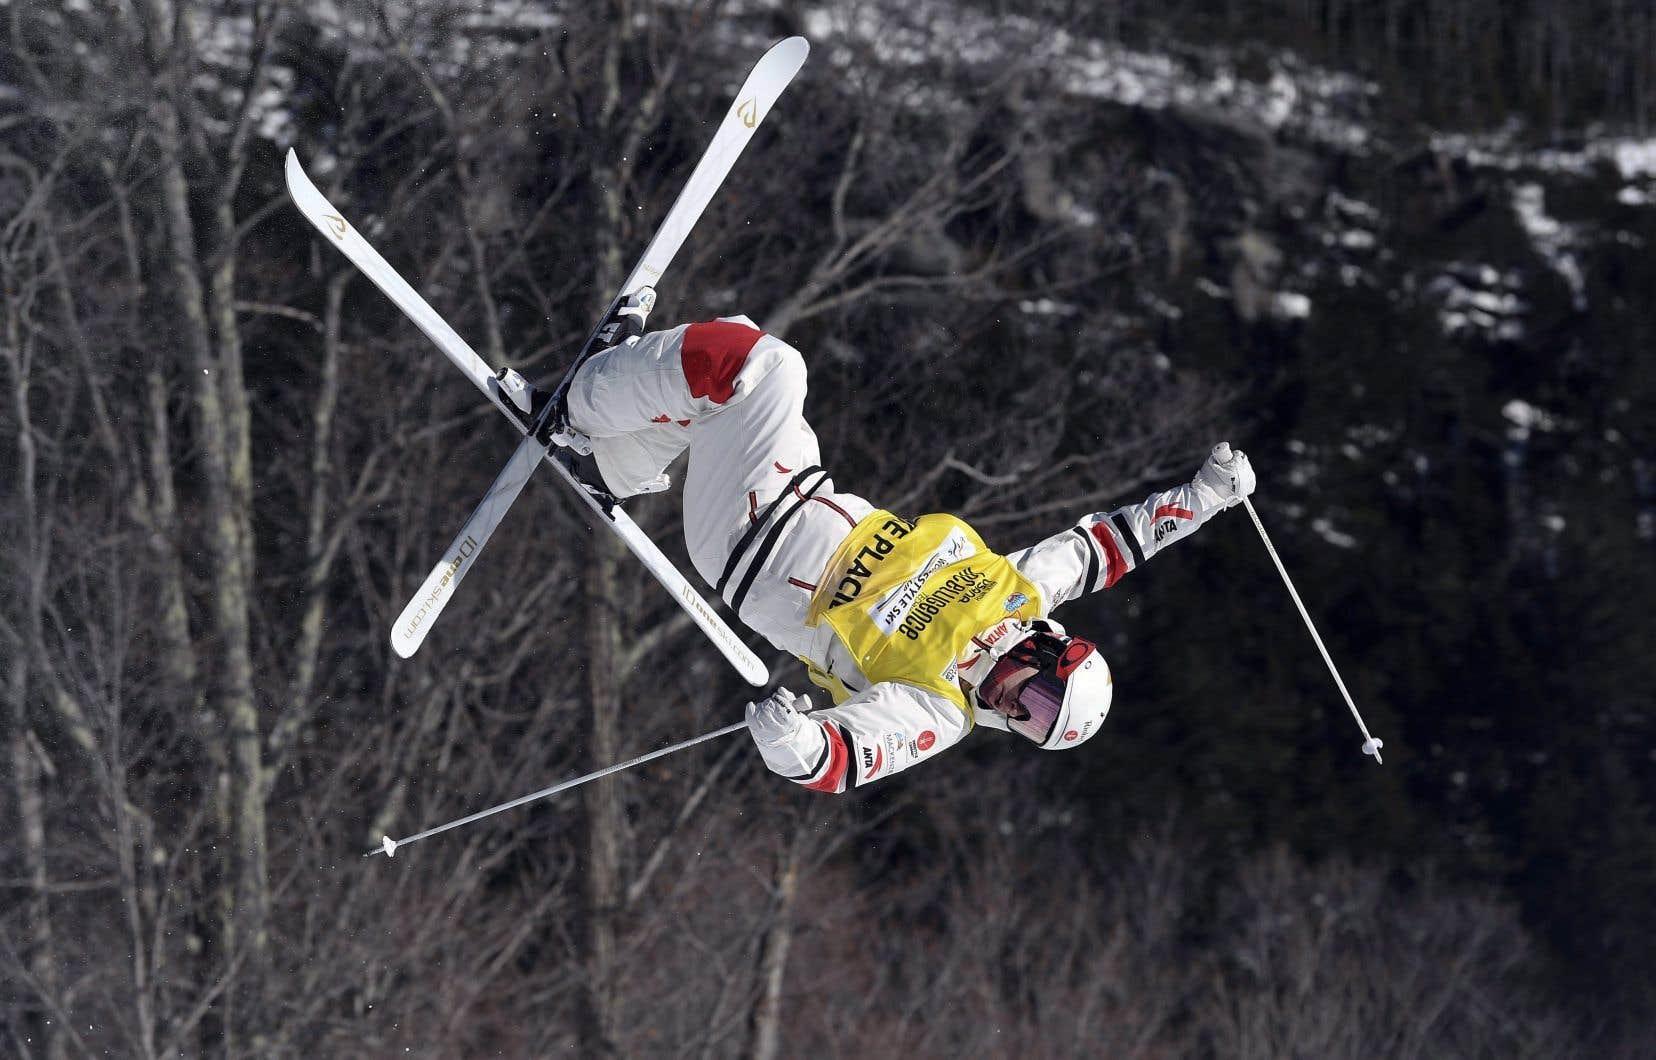 Kingsbury abordera la période des Fêtes l'esprit en paix, et renouera avec la compétition le 25janvier devant le public québécois au mont Tremblant, maillot jaune sur le dos.